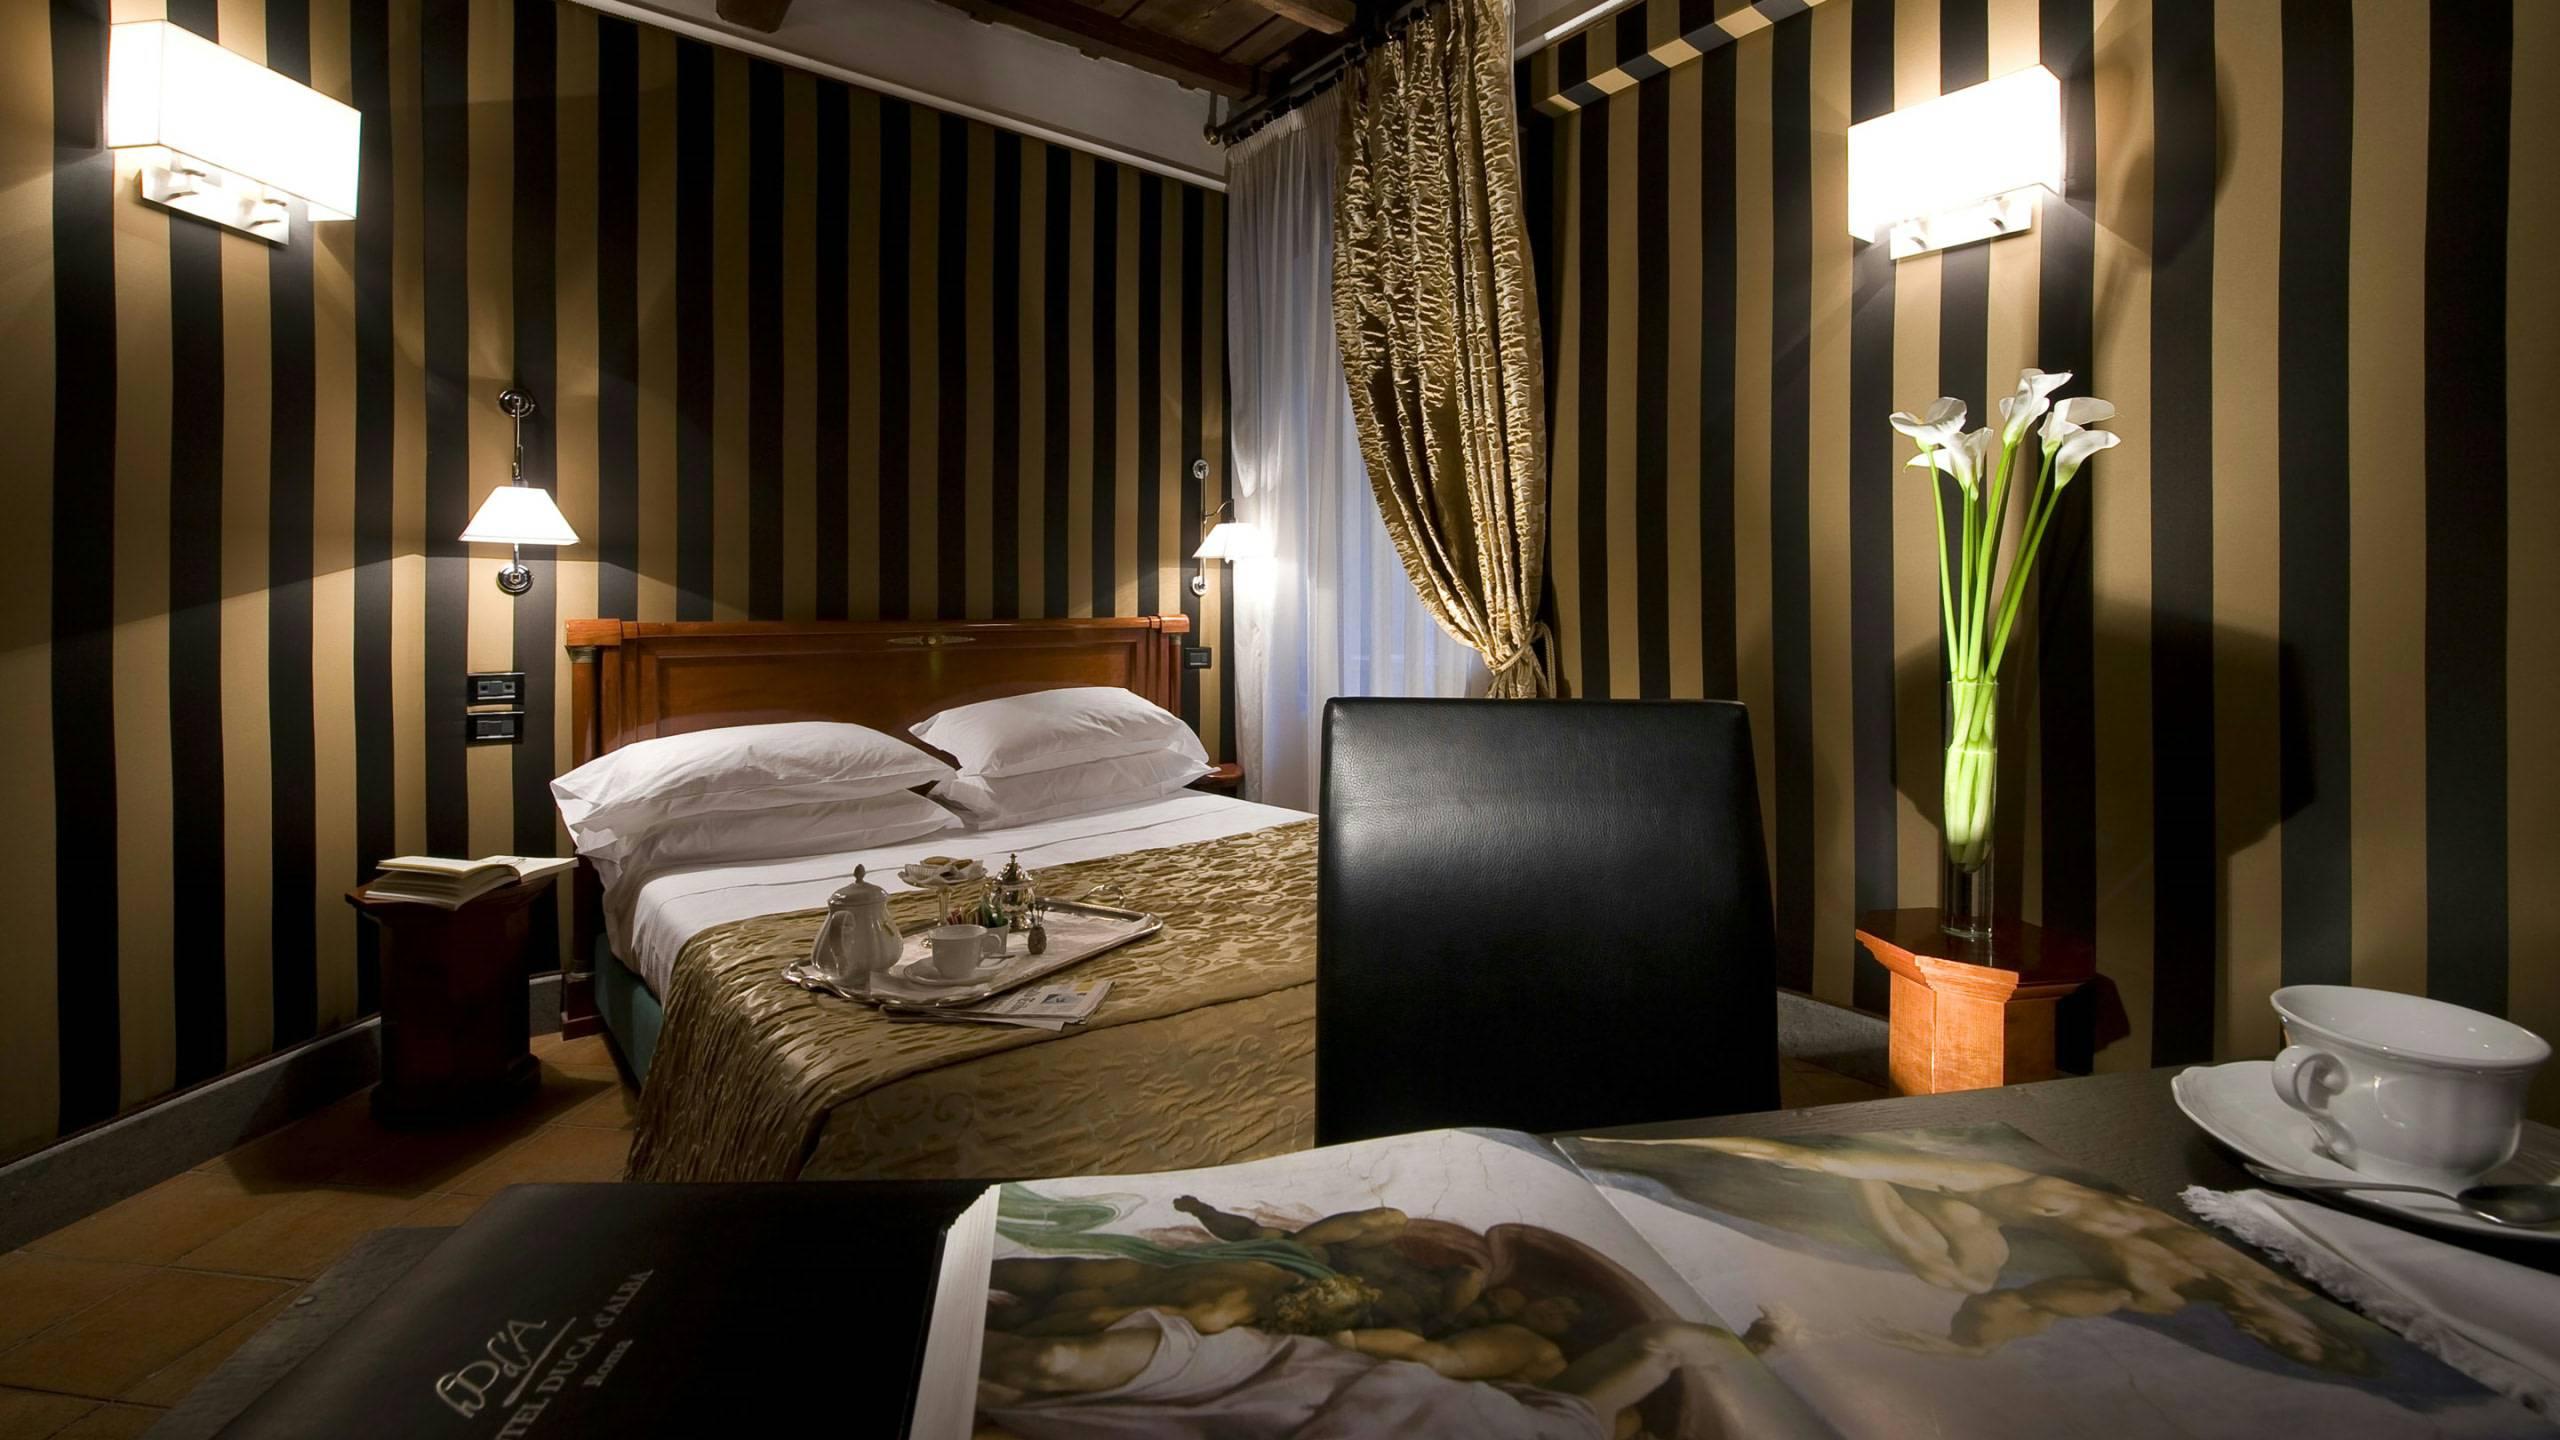 hotel-ducadalba-suite-room-01